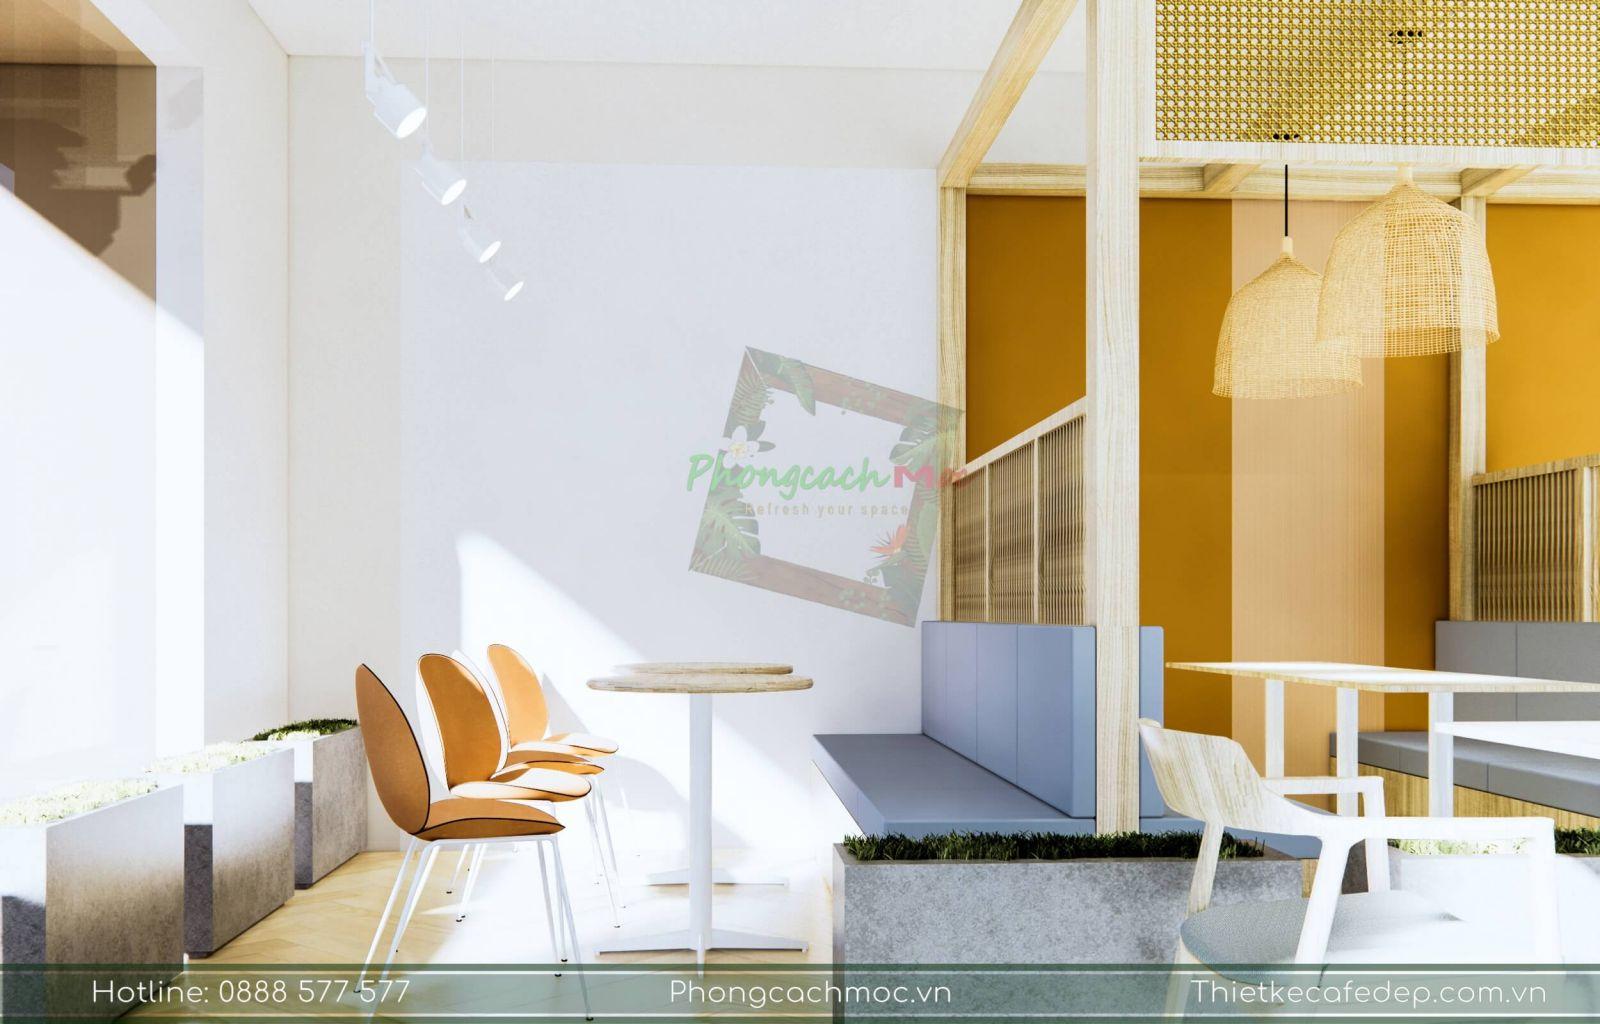 chủ đề thiết kế quán cafe hiện đại tận dụng nguồn ánh sáng tự nhiên